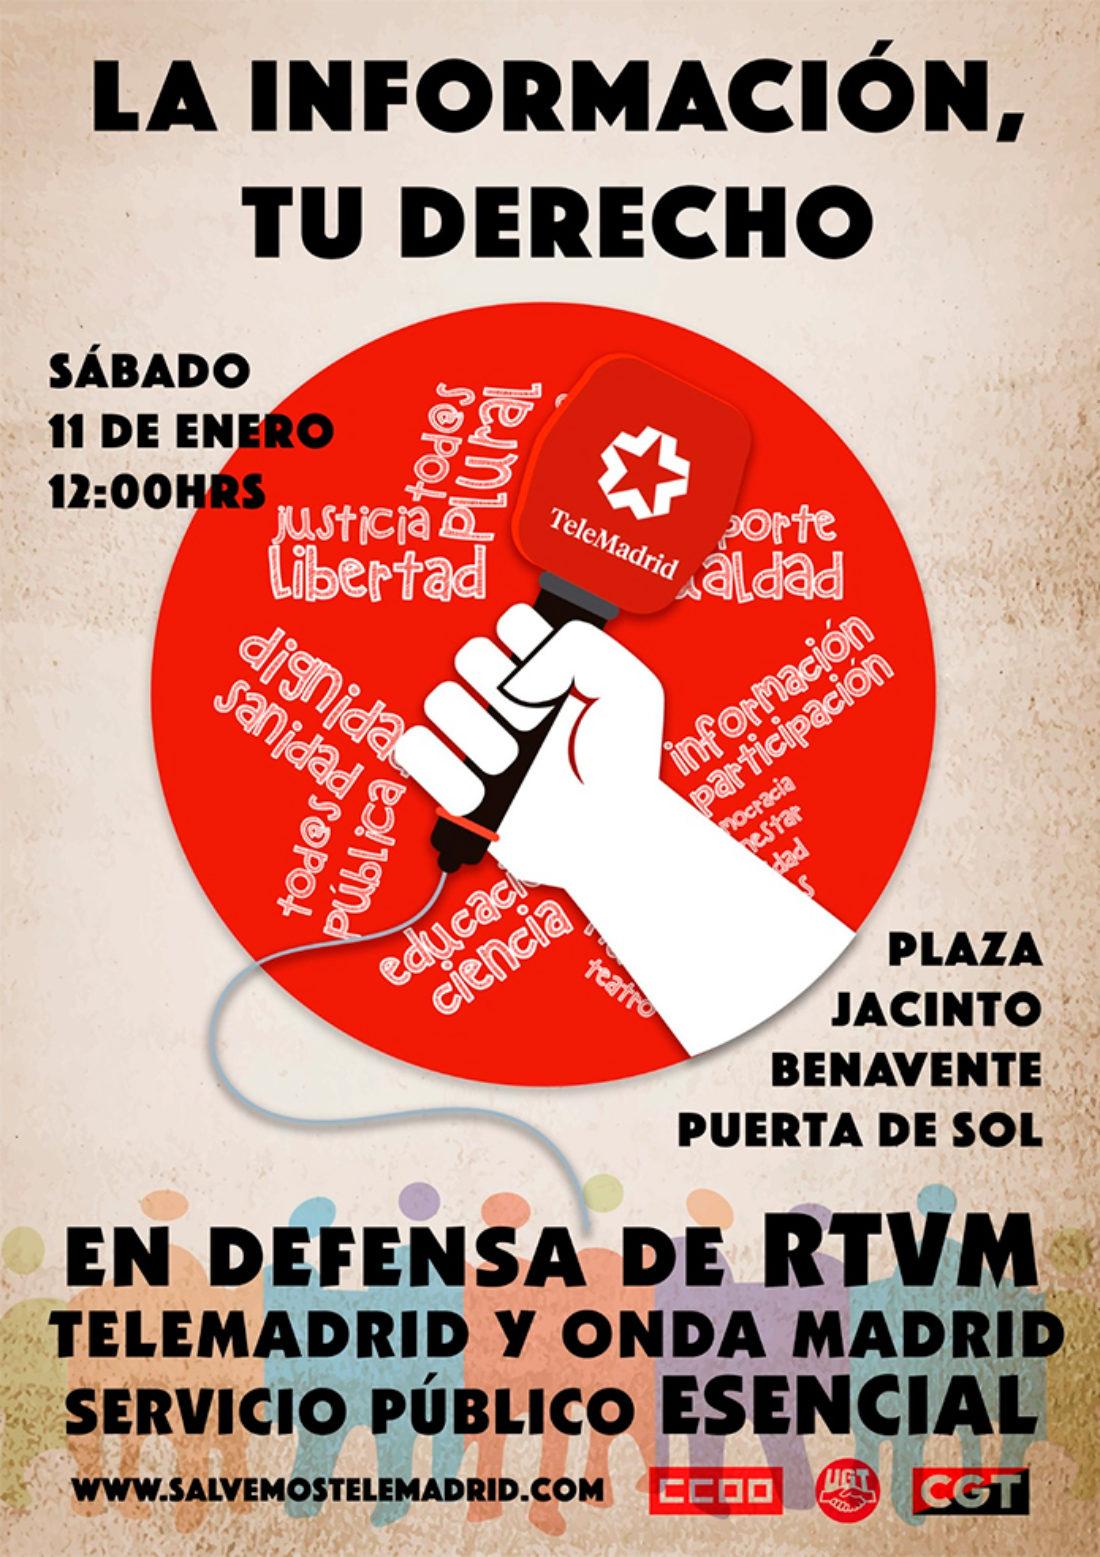 CGT denuncia que el Gobierno de Díaz Ayuso (PP) pretende boicotear la recuperación de la radiotelevisión madrileña